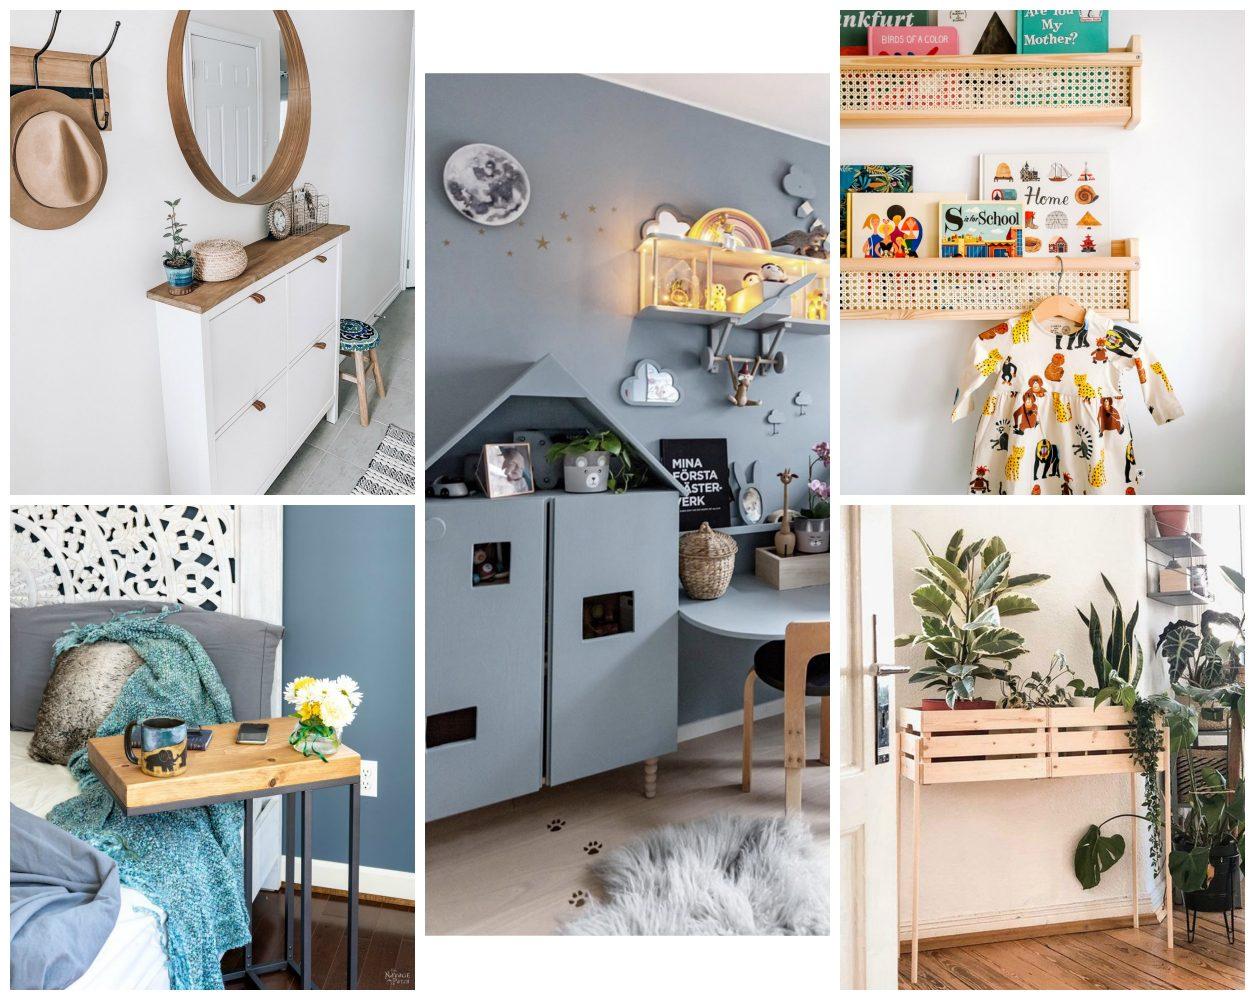 Full Size of Fnf Ikea Hacks Modulküche Küche Kosten Kaufen Miniküche Betten 160x200 Bei Sofa Mit Schlaffunktion Wohnzimmer Ikea Hacks